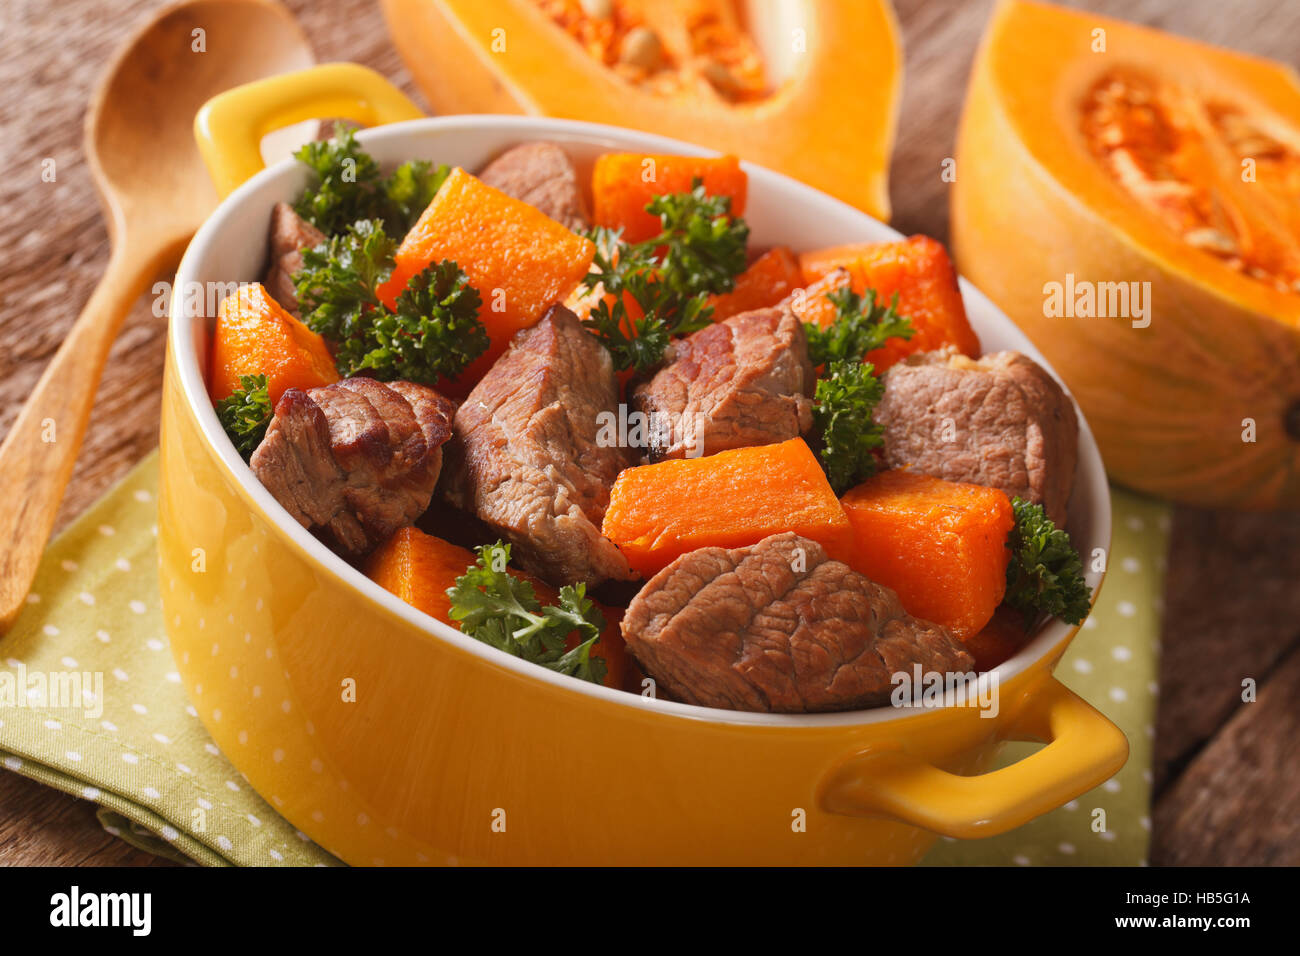 Cuisine maison: ragoût de boeuf à la citrouille libre dans le pot jaune sur la table horizontale. Photo Stock